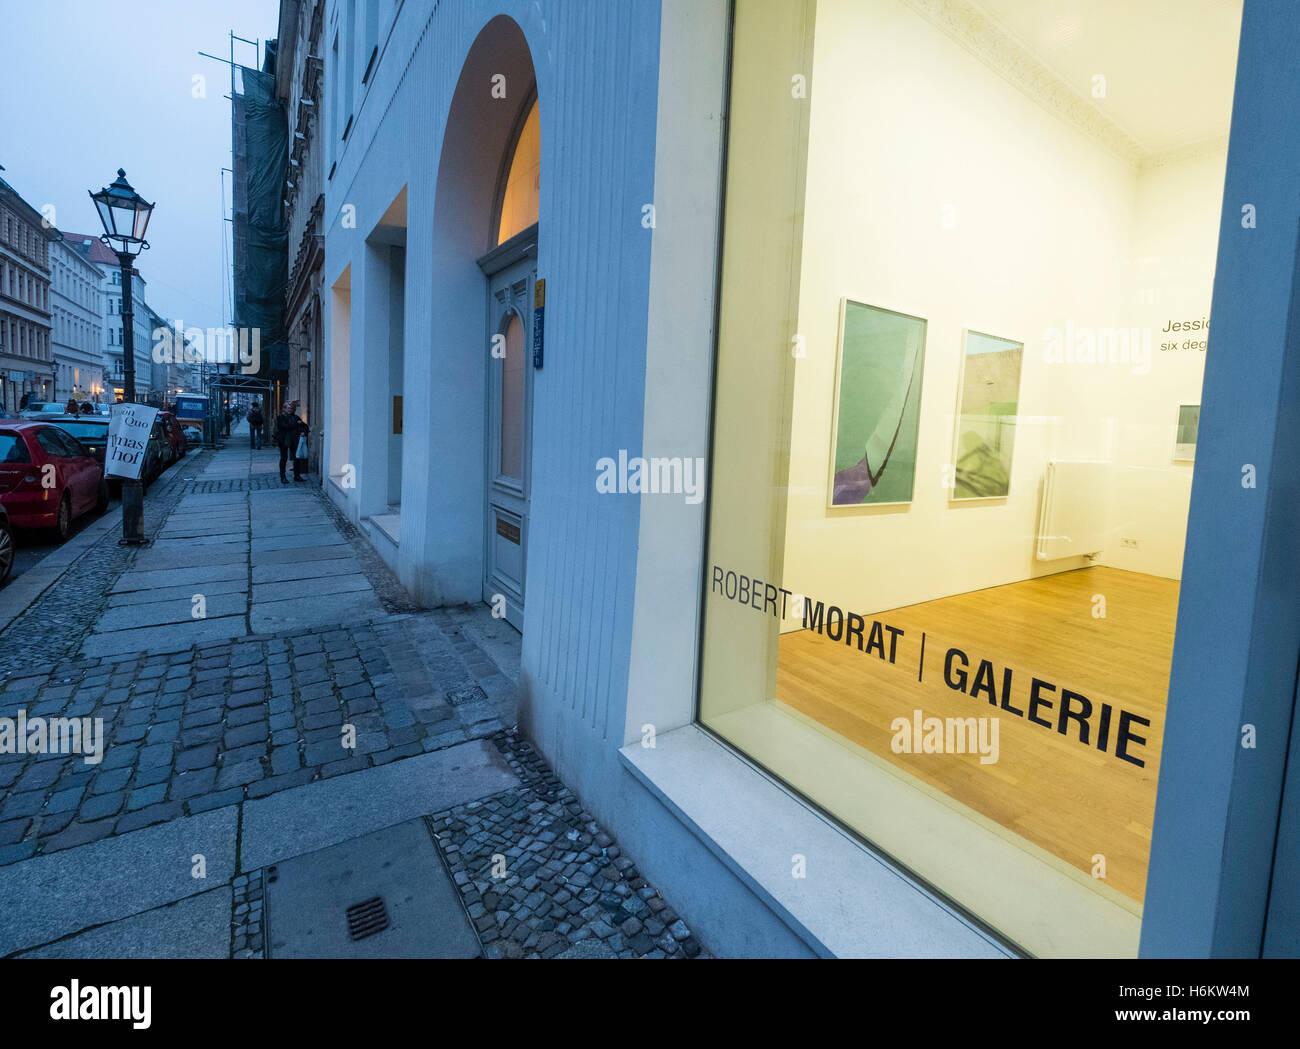 Photo De Galerie Exterieur extérieur de robert morat galerie, une galerie d'art sur